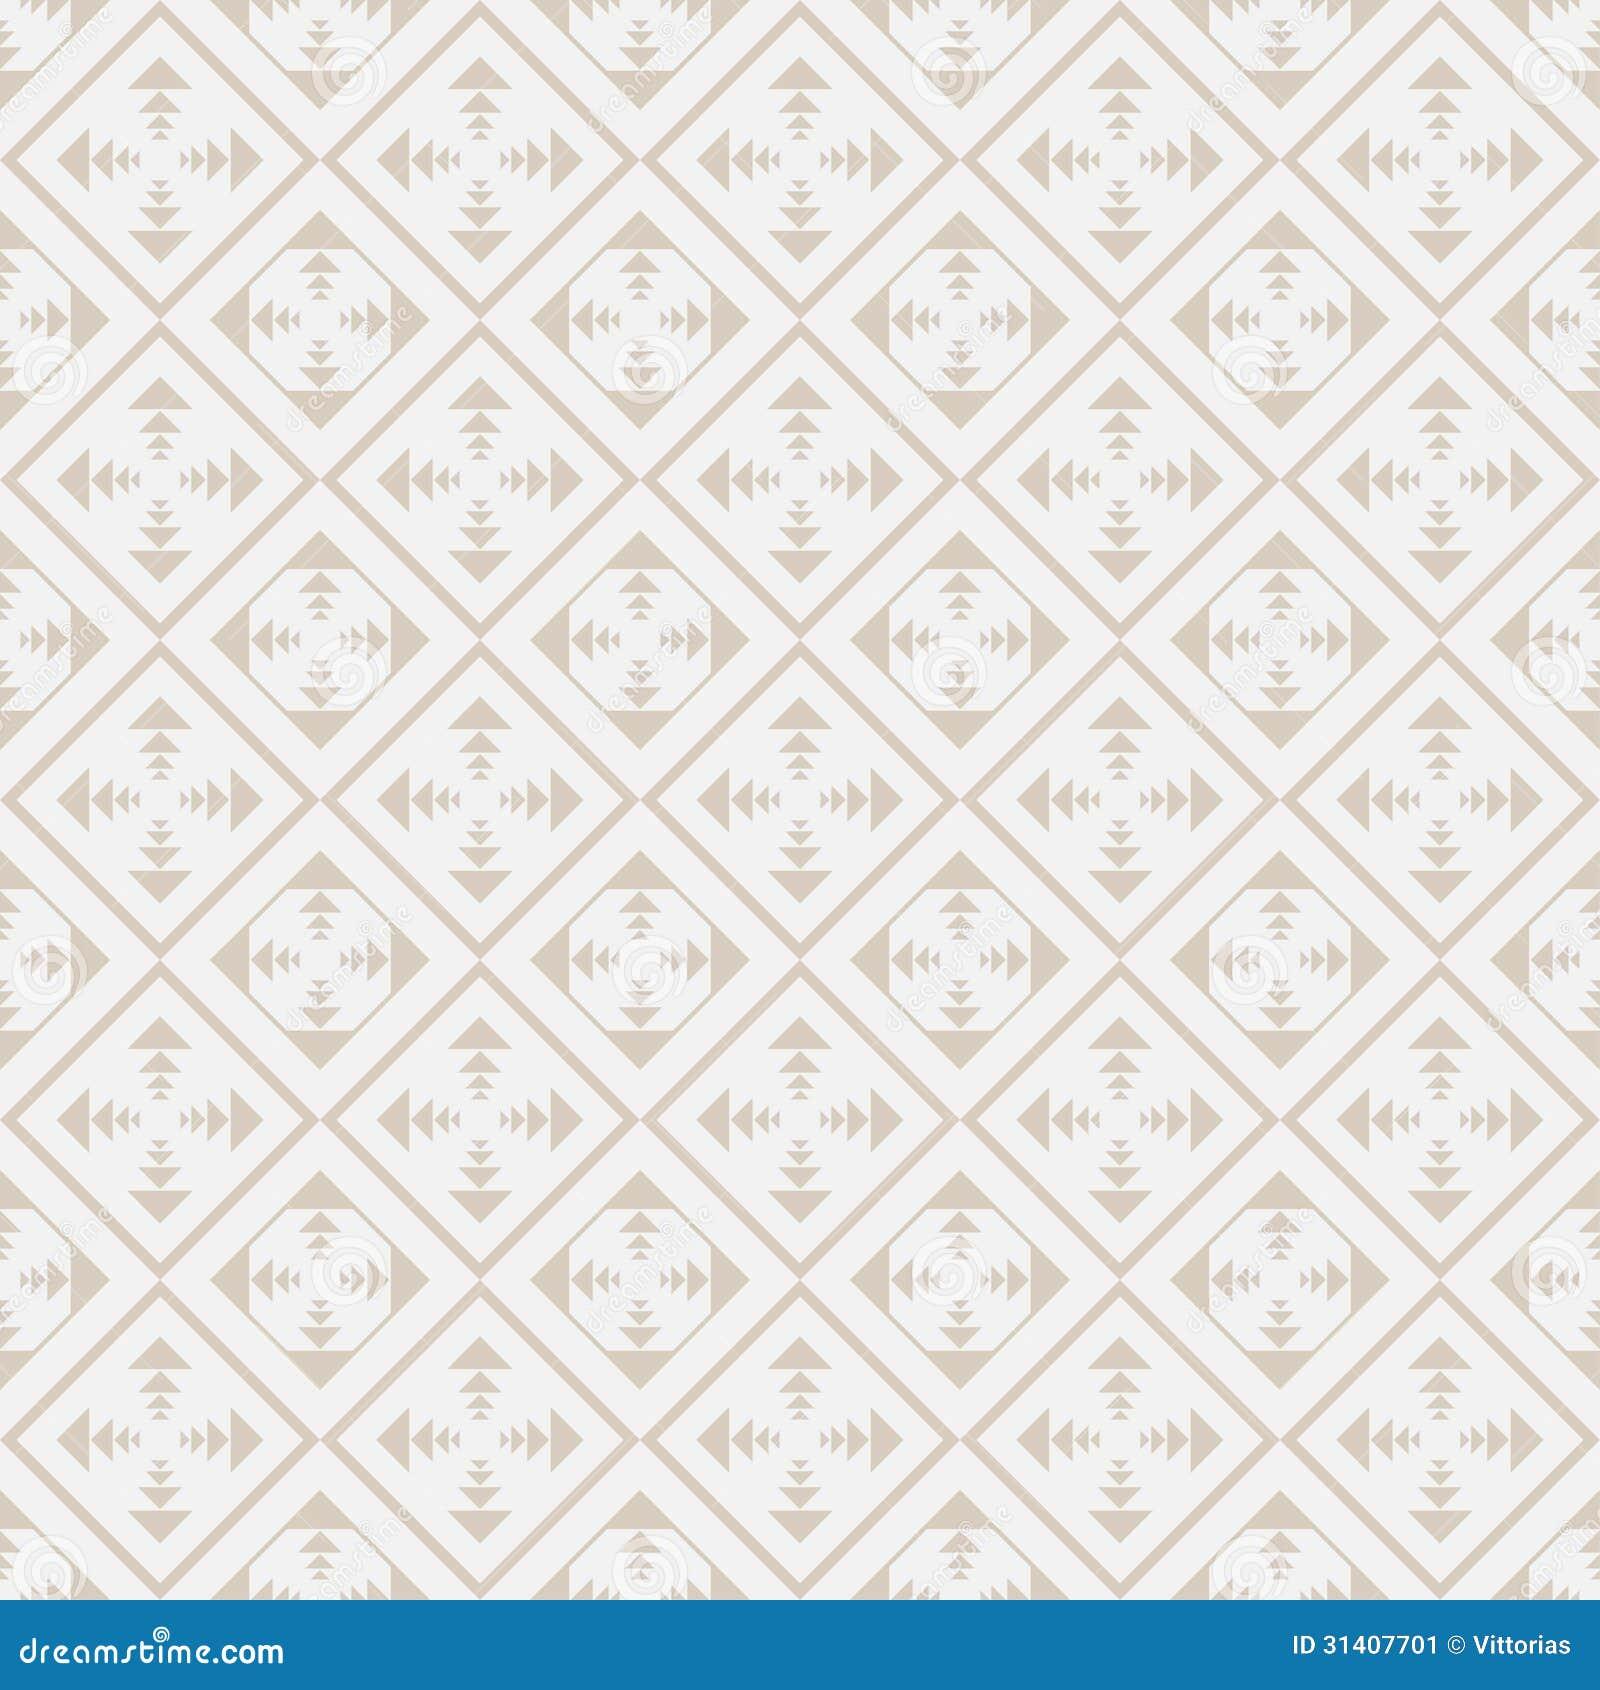 white damask iphone wallpaper